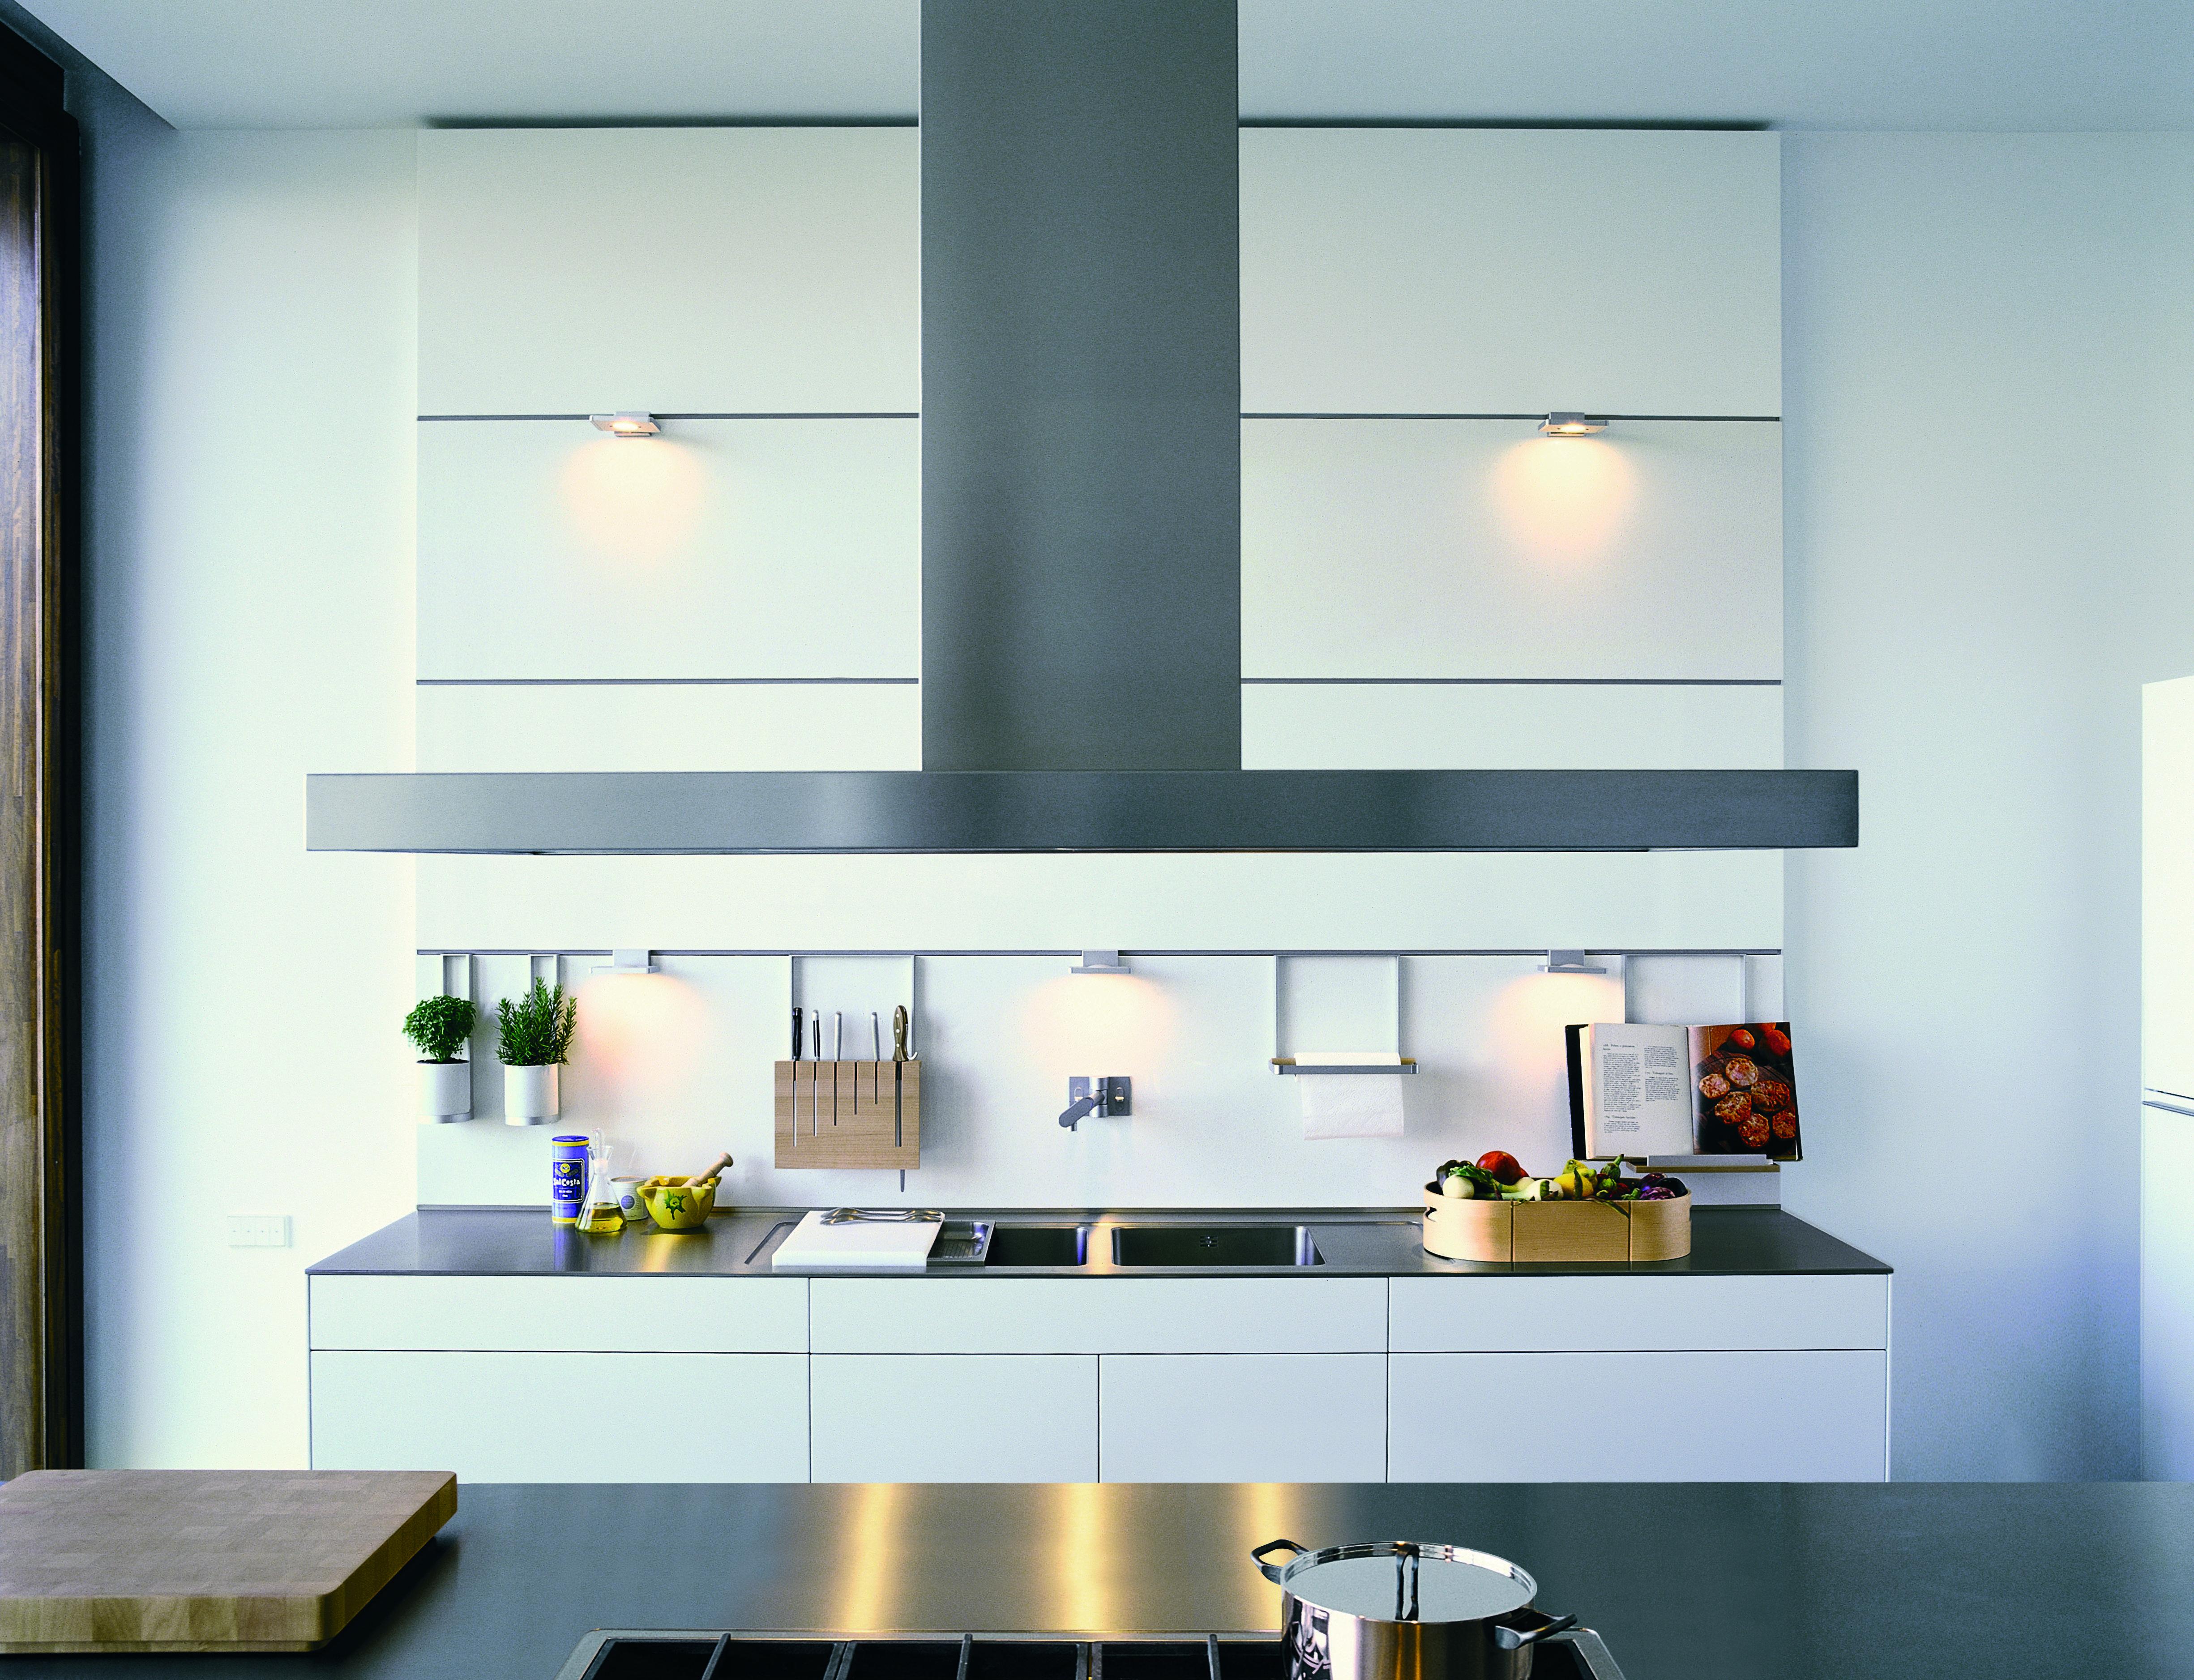 bulthaup - b3 keuken - de keuken uitgebreid met een multifunctionele ...